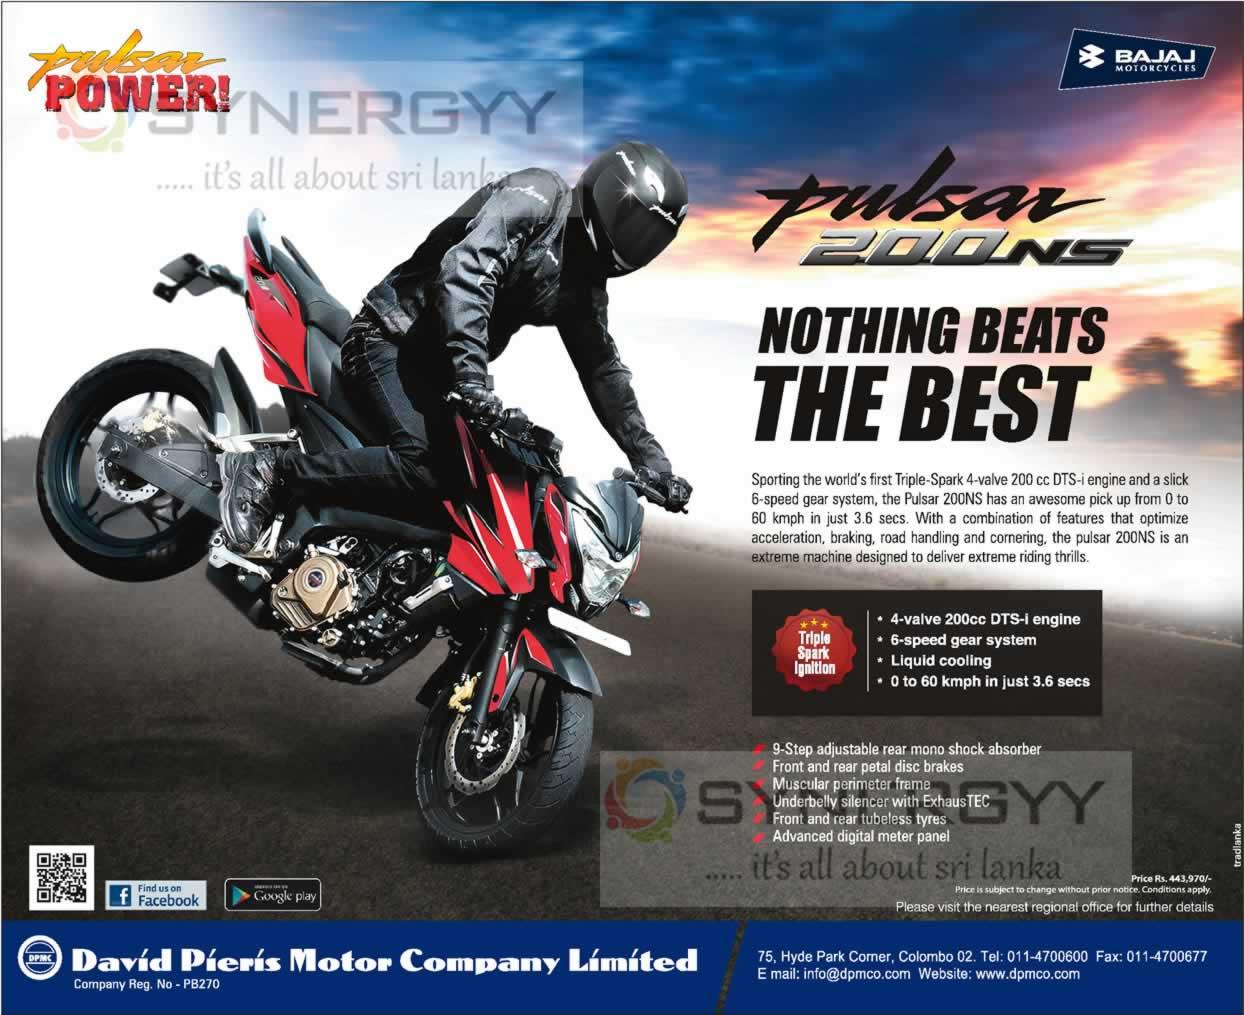 Bajaj Pulsar 200 Ns Price Is Rs 443 970 00 In Sri Lanka